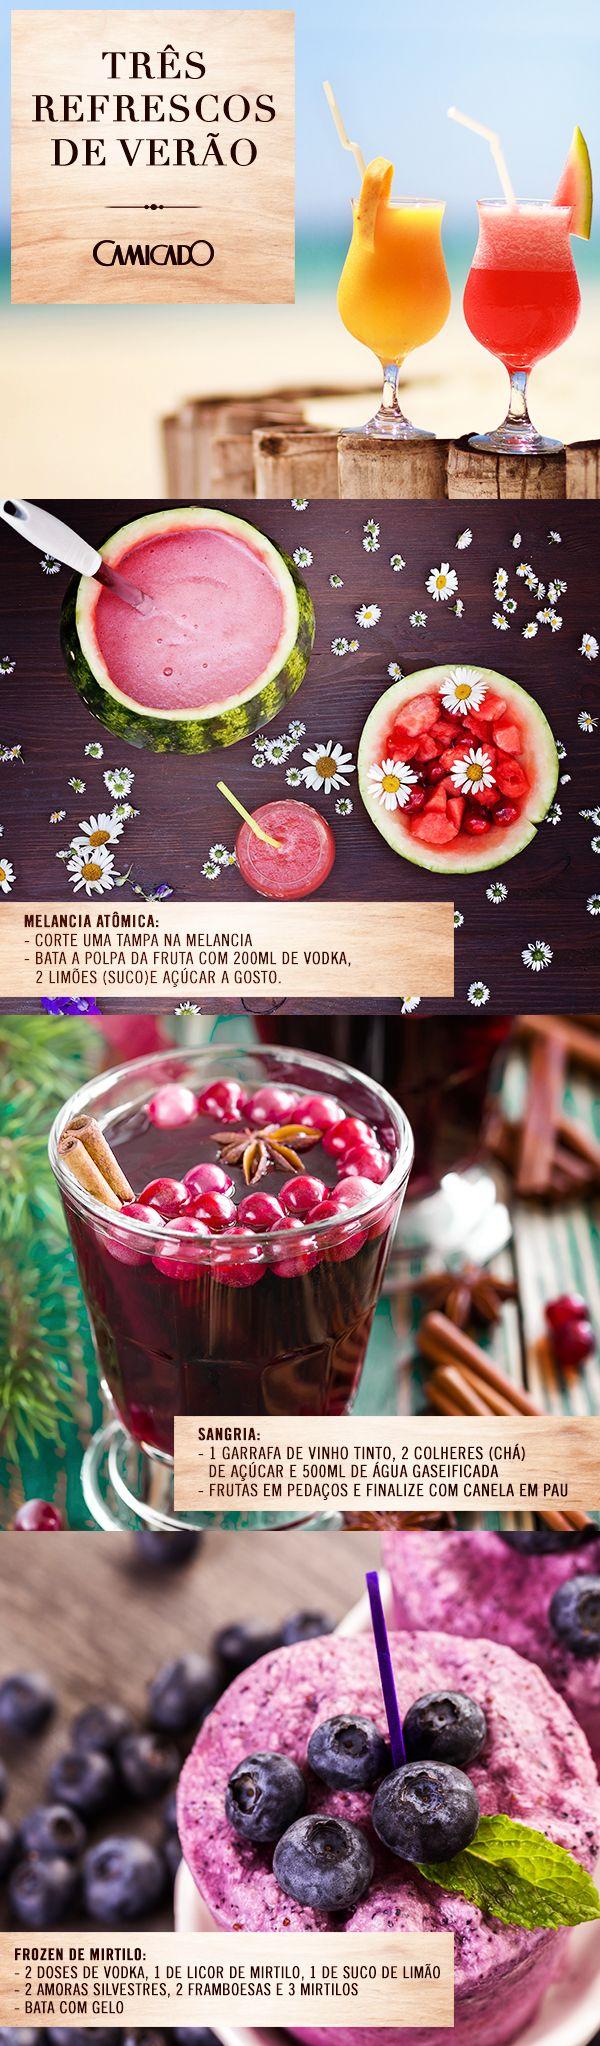 Prepare drinks deliciosos de verão com as receitas da Camicado: melancia atômica, sangria ou frozen de mirtilo. Não se esqueça de finalizar com taças e copos lindos.